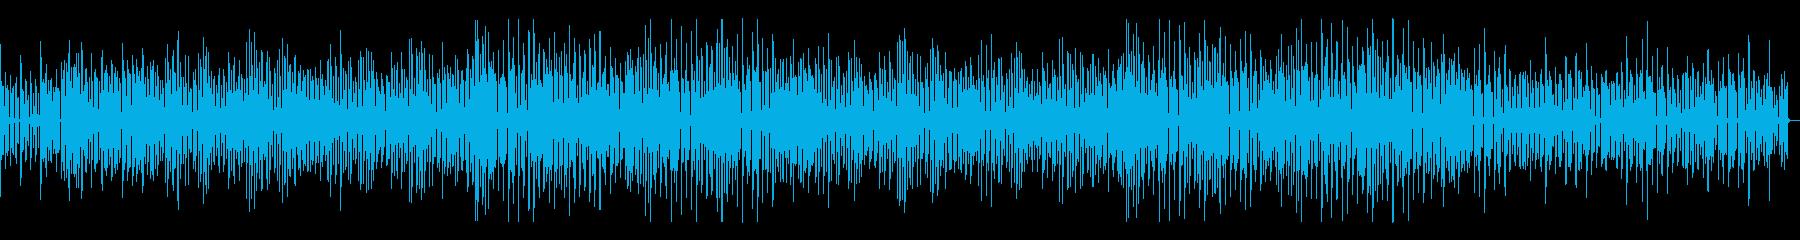 機械仕掛けの目覚まし時計2の再生済みの波形